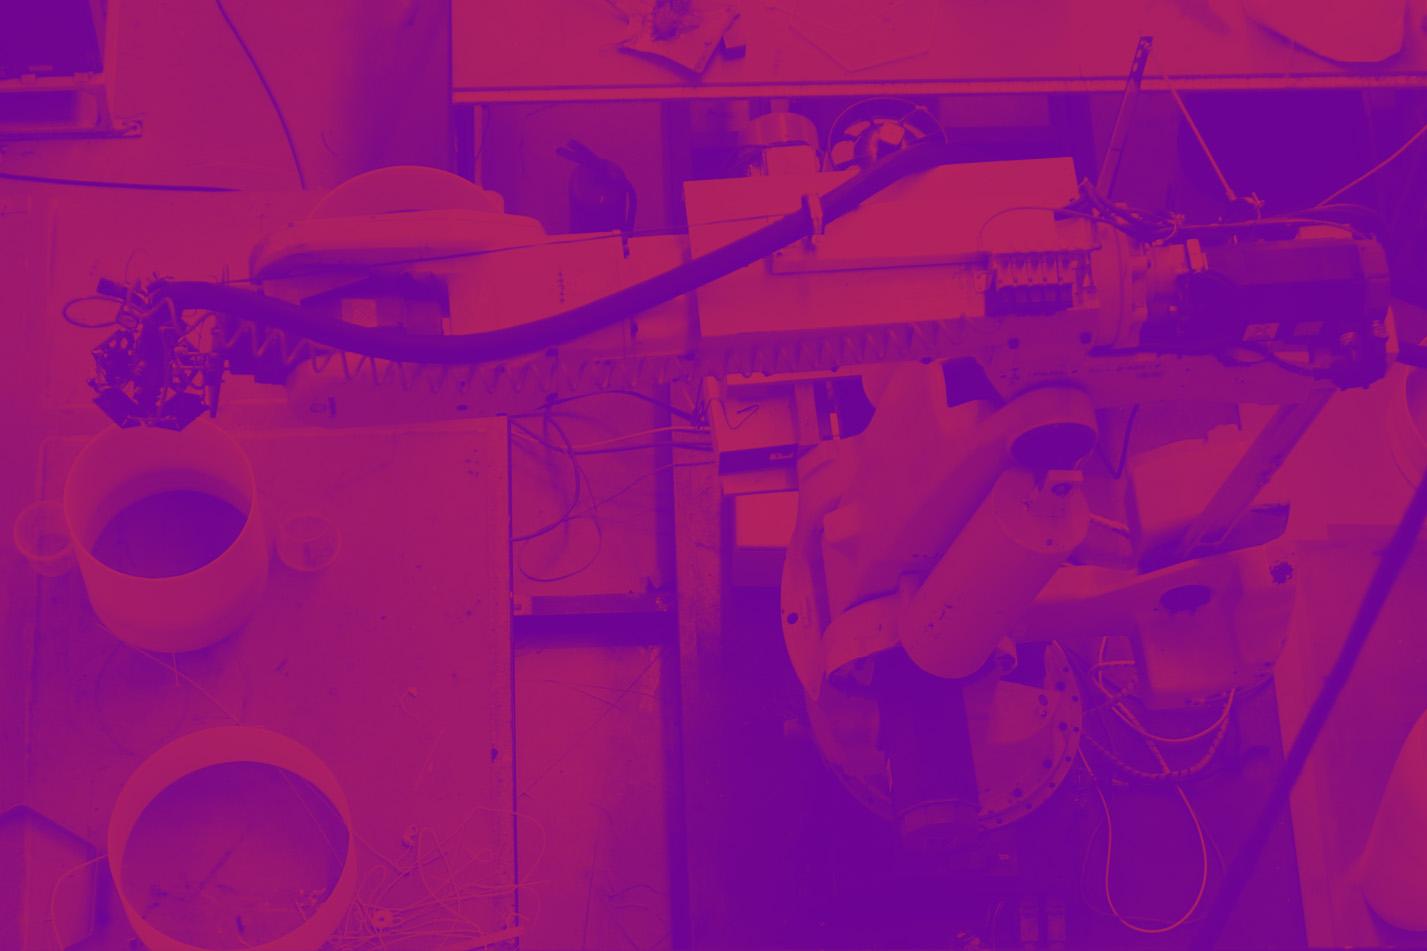 6dd4a284b Background Image